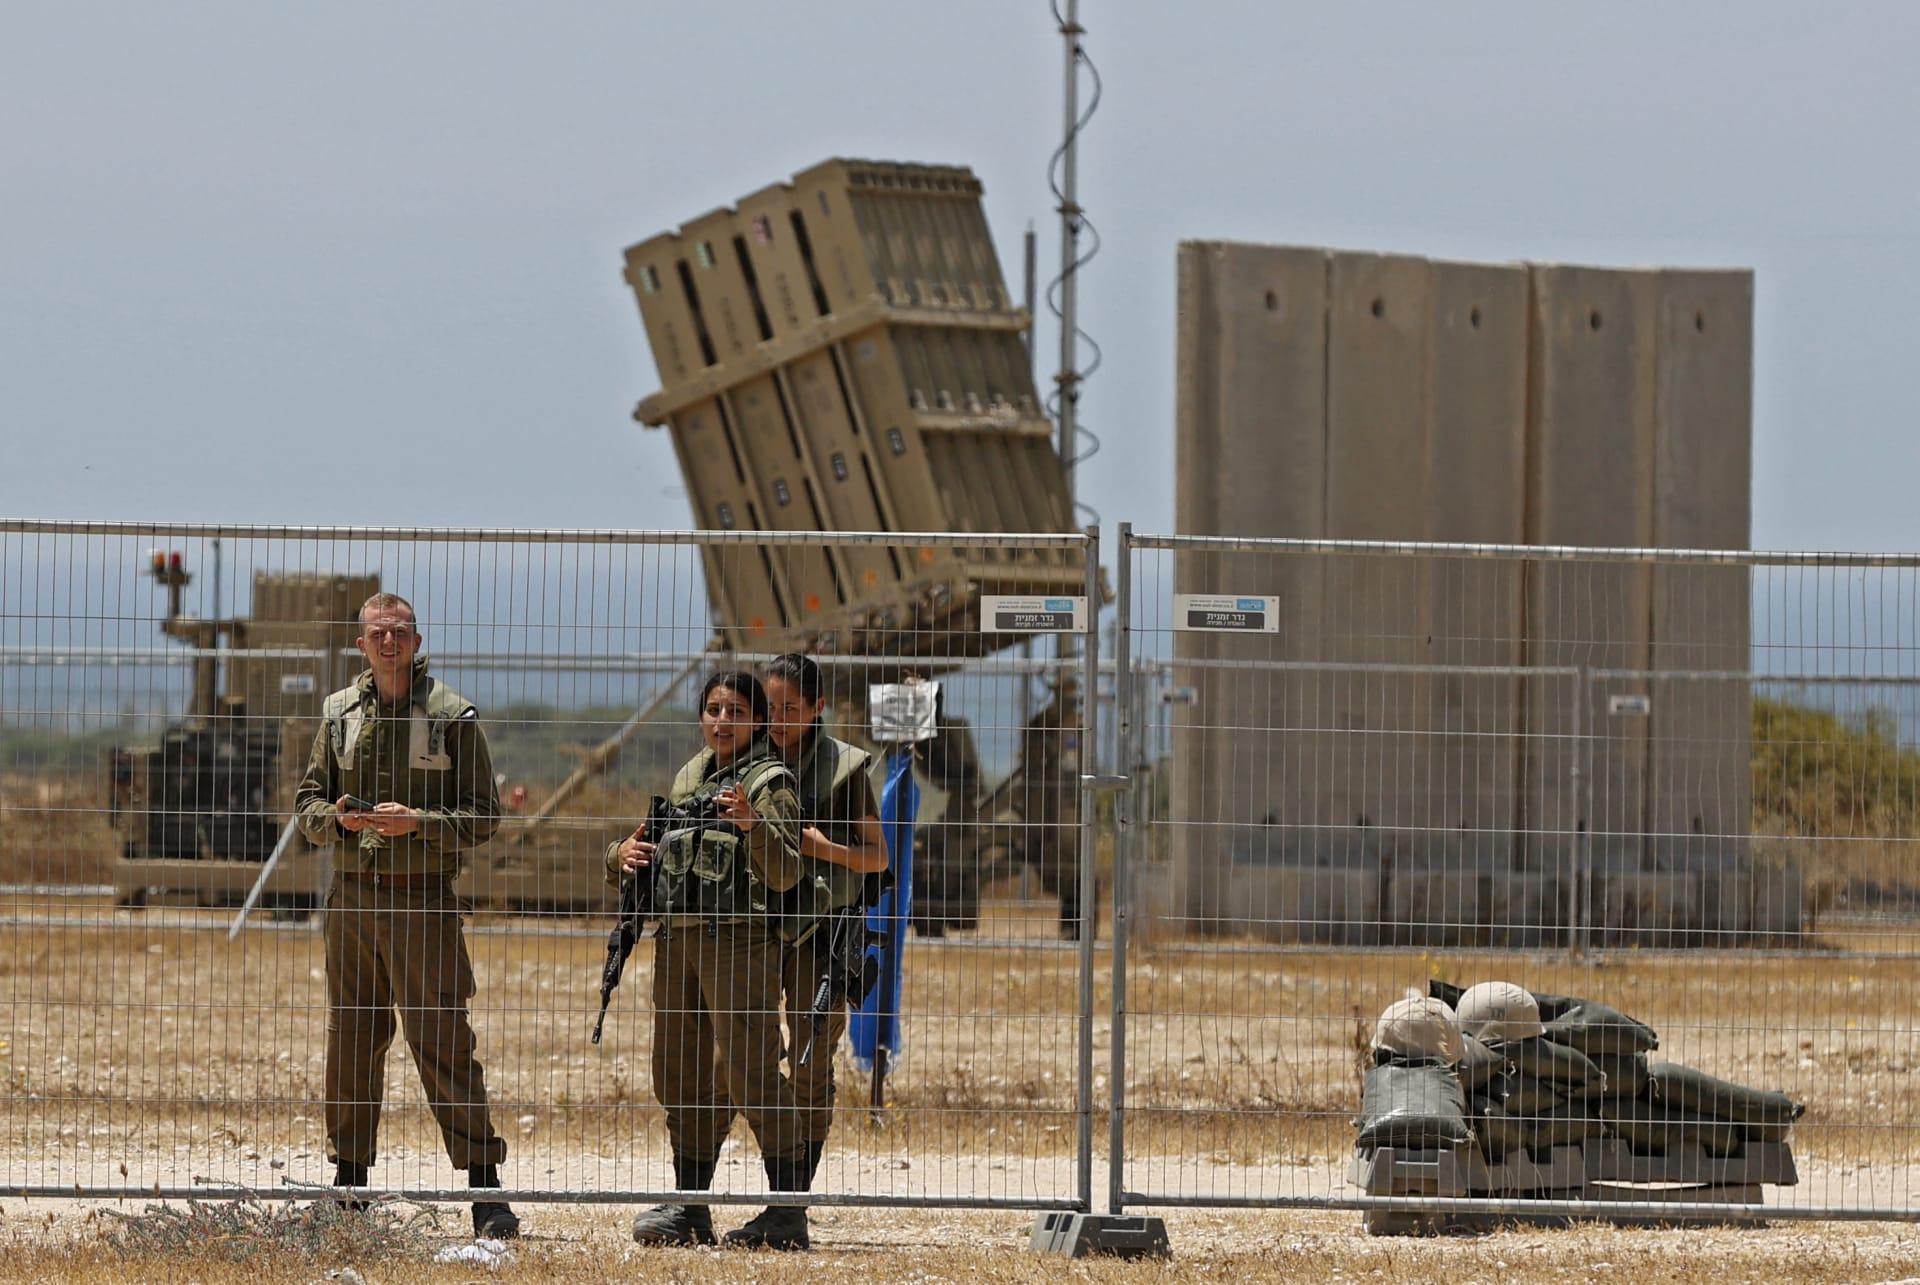 نتنياهو يزور القبة الحديدية: هاجمنا نحو ألف هدف.. والأمر سيطول